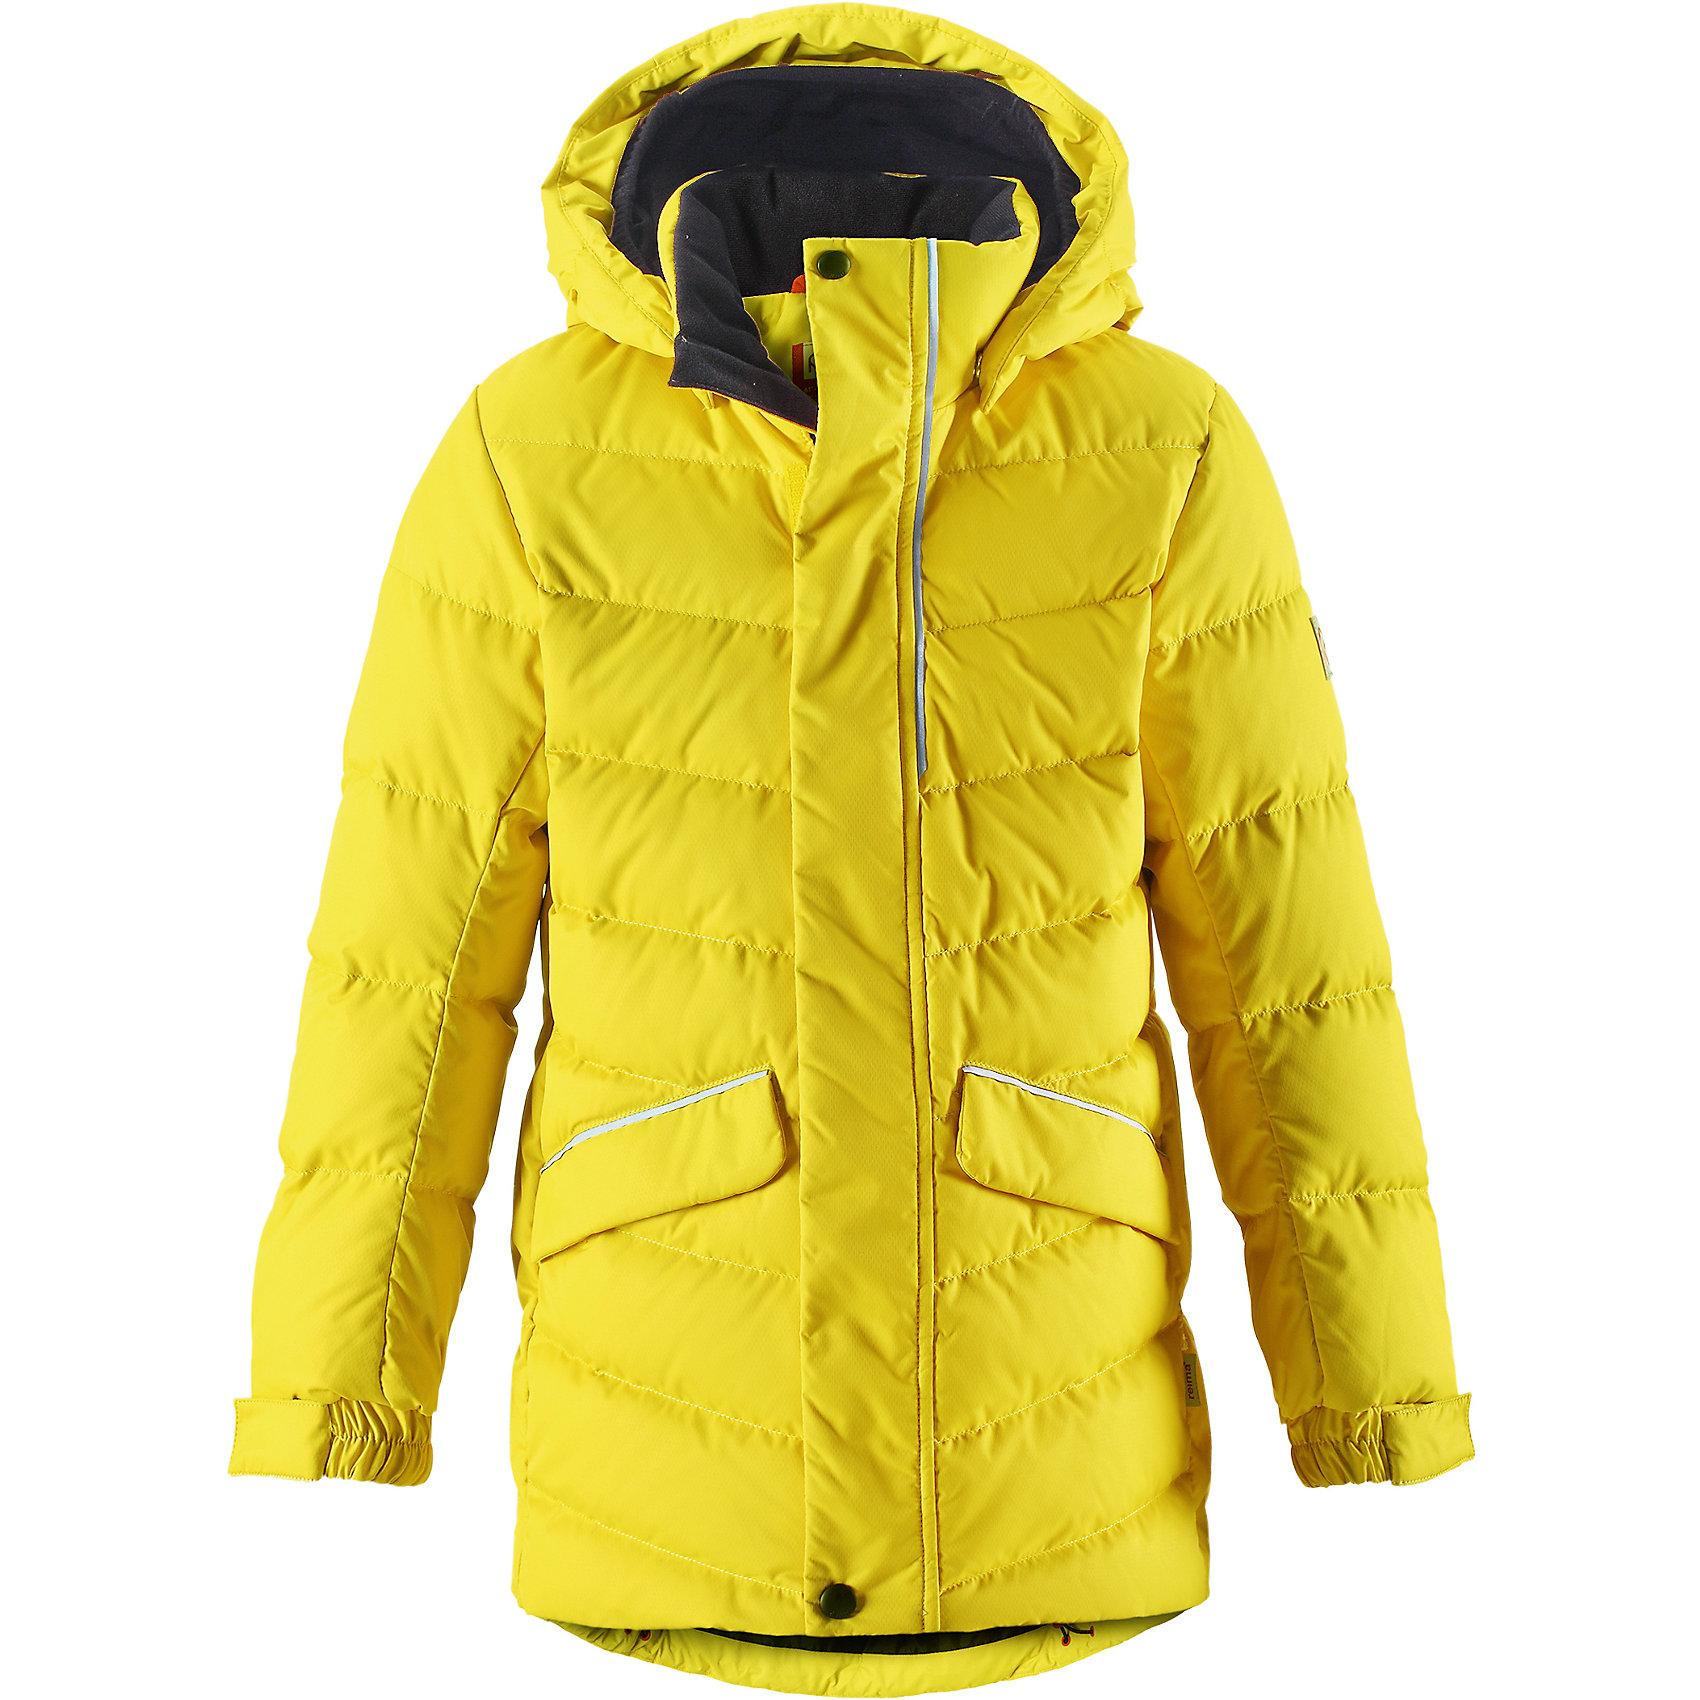 Куртка Reima Janne для мальчикаВерхняя одежда<br>Характеристики товара:<br><br>• цвет: желтый;<br>• состав: 100% полиэстер;<br>• подкладка: 100% полиэстер;<br>• утеплитель: 60% пух, 40; перо;<br>• сезон: зима;<br>• температурный режим: от 0 до -30С;<br>• водонепроницаемость: 5000 мм;<br>• воздухопроницаемость: 2000 мм;<br>• износостойкость: 10000 циклов (тест Мартиндейла);<br>• водо- и ветронепроницаемый, дышащий и грязеотталкивающий материал;<br>• основные швы проклеены и не пропускают влагу;<br>• застежка: молния с дополнительной планкой;<br>• гладкая подкладка из полиэстера;<br>• безопасный съемный капюшон;<br>• регулируемые манжеты и подол;<br>• петля для дополнительных светоотражающих деталей;<br>• два кармана с кнопками:<br>• светоотражающие детали;<br>• страна бренда: Финляндия;<br>• страна изготовитель: Китай.<br><br>Пуховая куртка для спорта и прогулок по городу. Поверхность с ромбовидным узором добби, утеплитель пух/перо (60/40%). Эта удлиненная модель изготовлена из дышащего, водо и ветронепроницаемого материала. В куртке вашему ребенку будет тепло и уютно в морозный день. Благодаря подкладке из гладкого полиэстера, куртка легко надевается. <br><br>Снабжена безопасным съемным капюшоном, а также регулируемыми манжетами и подолом. Куртка изготовлена из грязеотталкивающего материала, но при этом ее можно сушить в сушильной машине. Она снабжена двумя карманами с клапанами, в одном из которых спрятана удобная петелька. Прикрепите на нее любимый светоотражатель вашего ребенка и обеспечьте ему безопасность и лучшую видимость!<br><br>Куртку Janne для мальчика Reima от финского бренда Reima (Рейма) можно купить в нашем интернет-магазине.<br><br>Ширина мм: 356<br>Глубина мм: 10<br>Высота мм: 245<br>Вес г: 519<br>Цвет: желтый<br>Возраст от месяцев: 48<br>Возраст до месяцев: 60<br>Пол: Мужской<br>Возраст: Детский<br>Размер: 110,116,122,128,134,140,146,152,158,164,104<br>SKU: 6903172